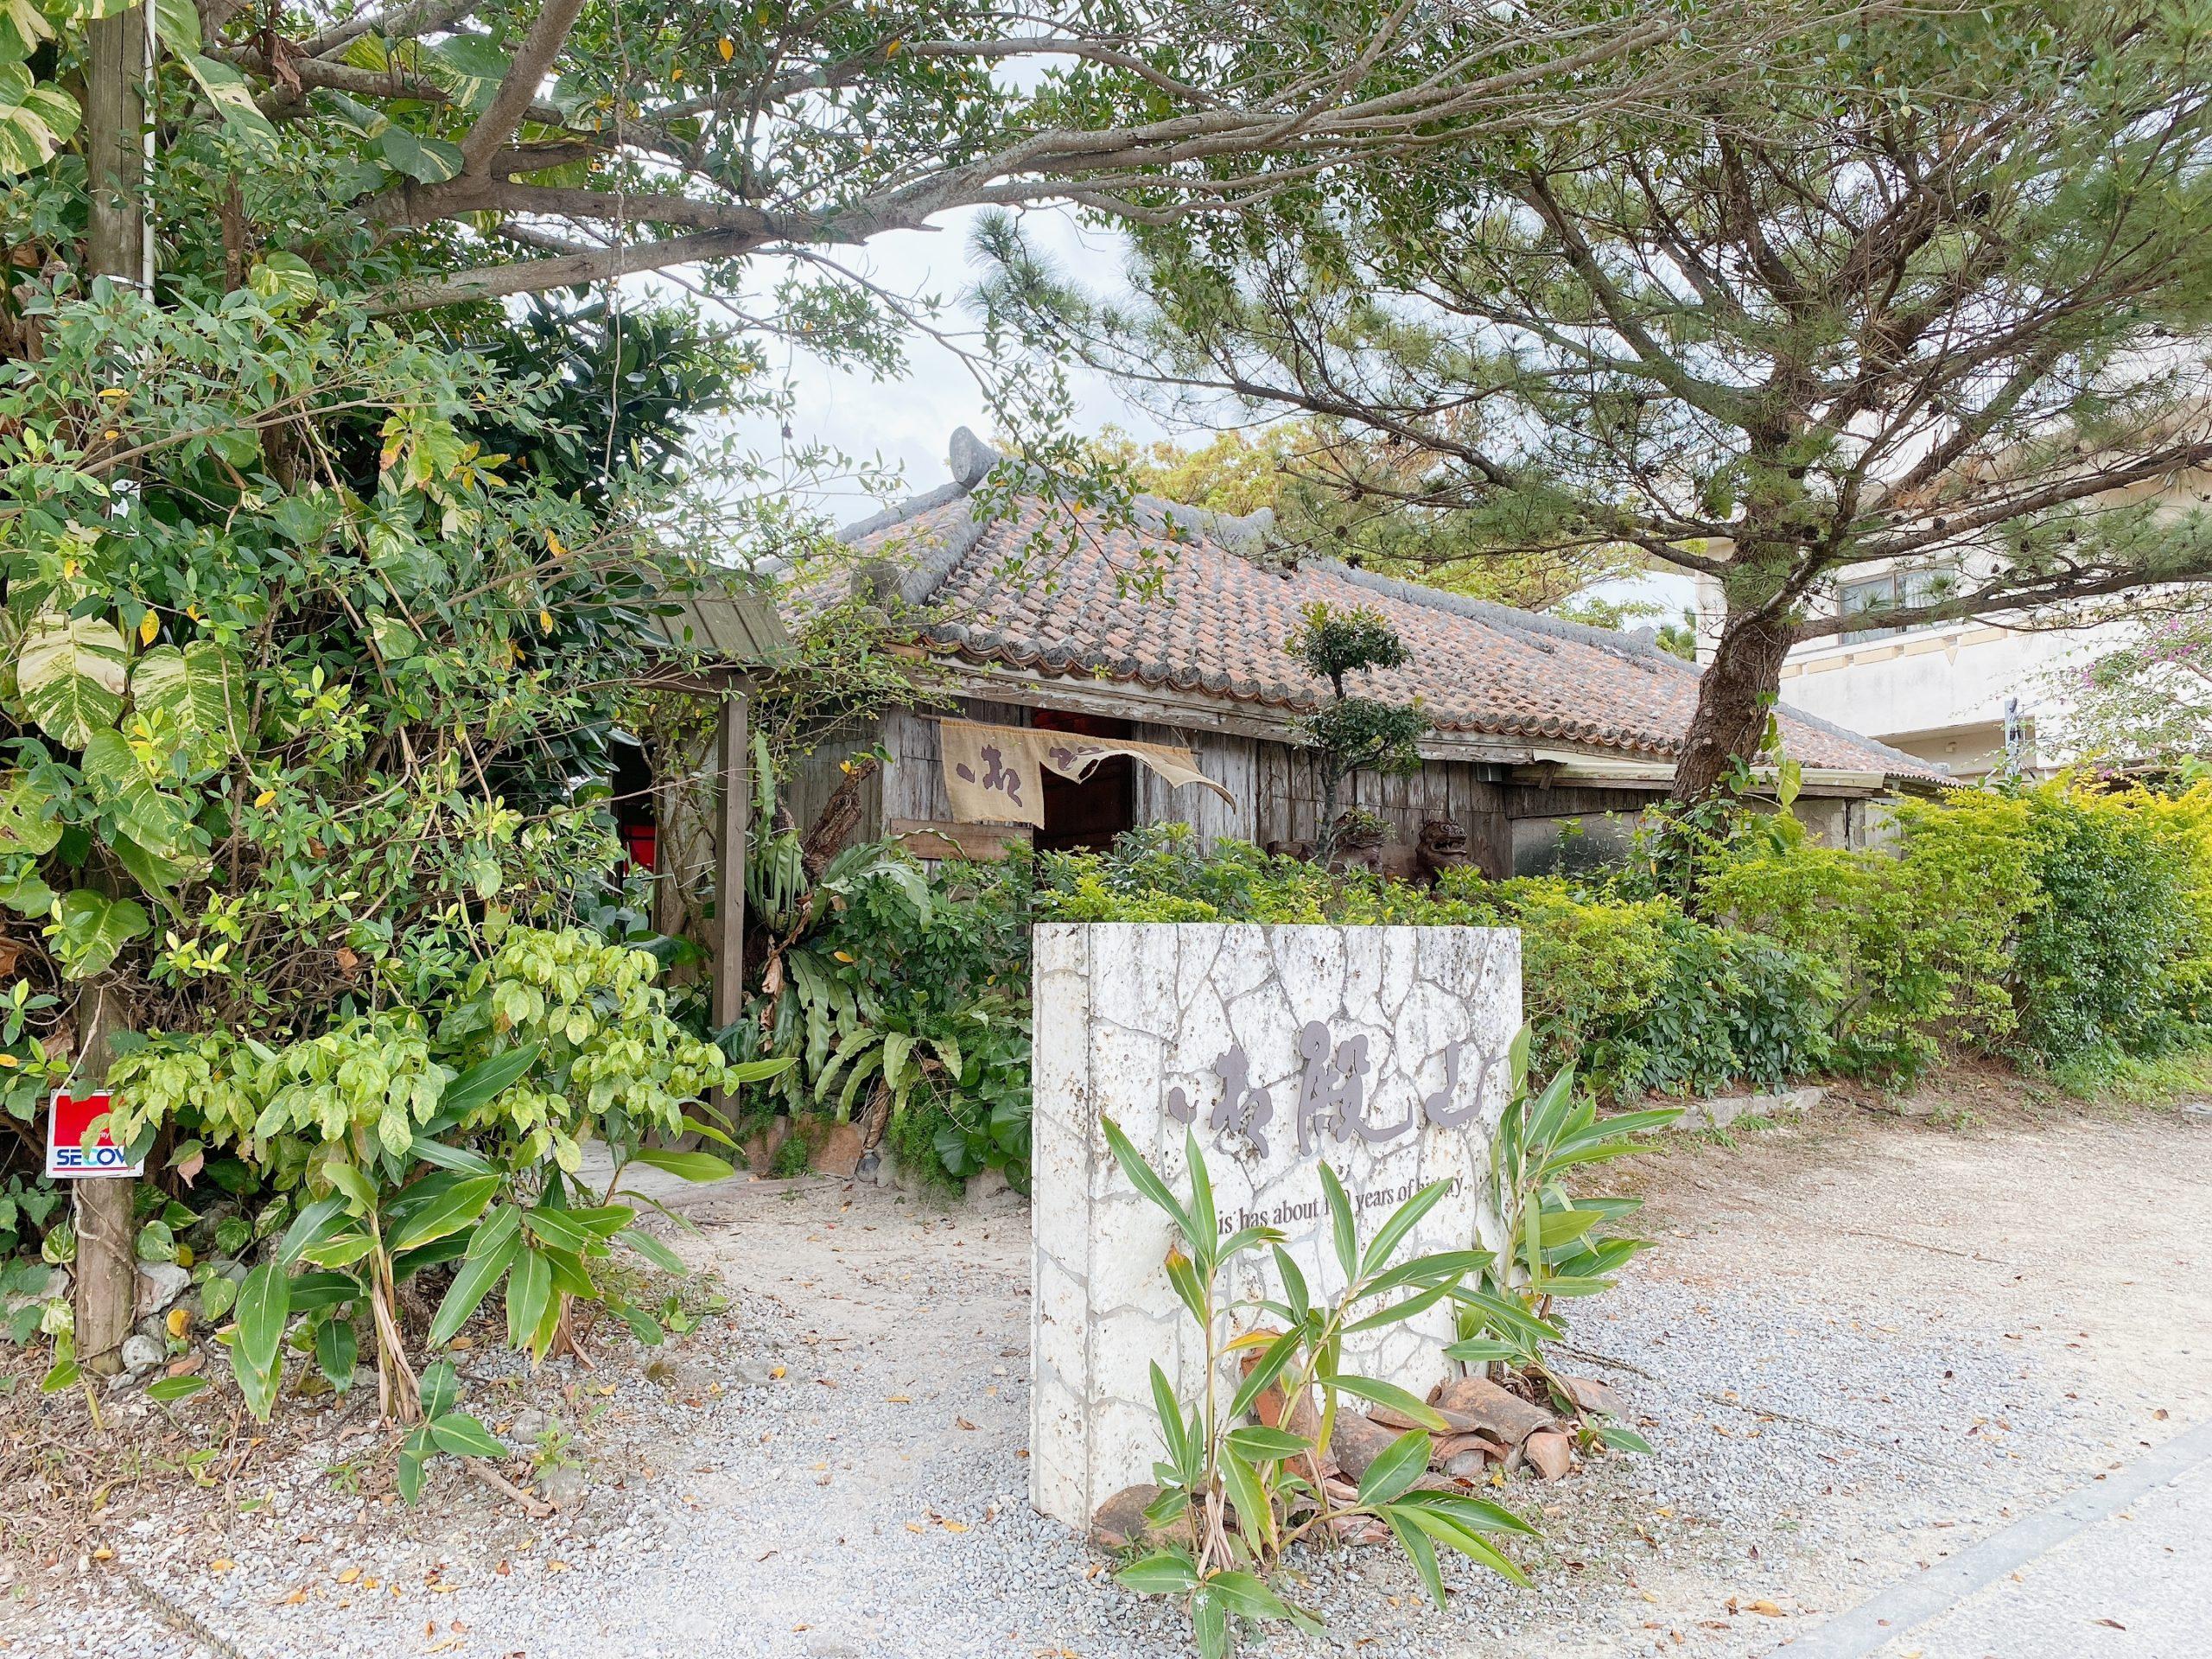 琉球古来すば 御殿山(うどぅんやま)にそばを食べに行きました。